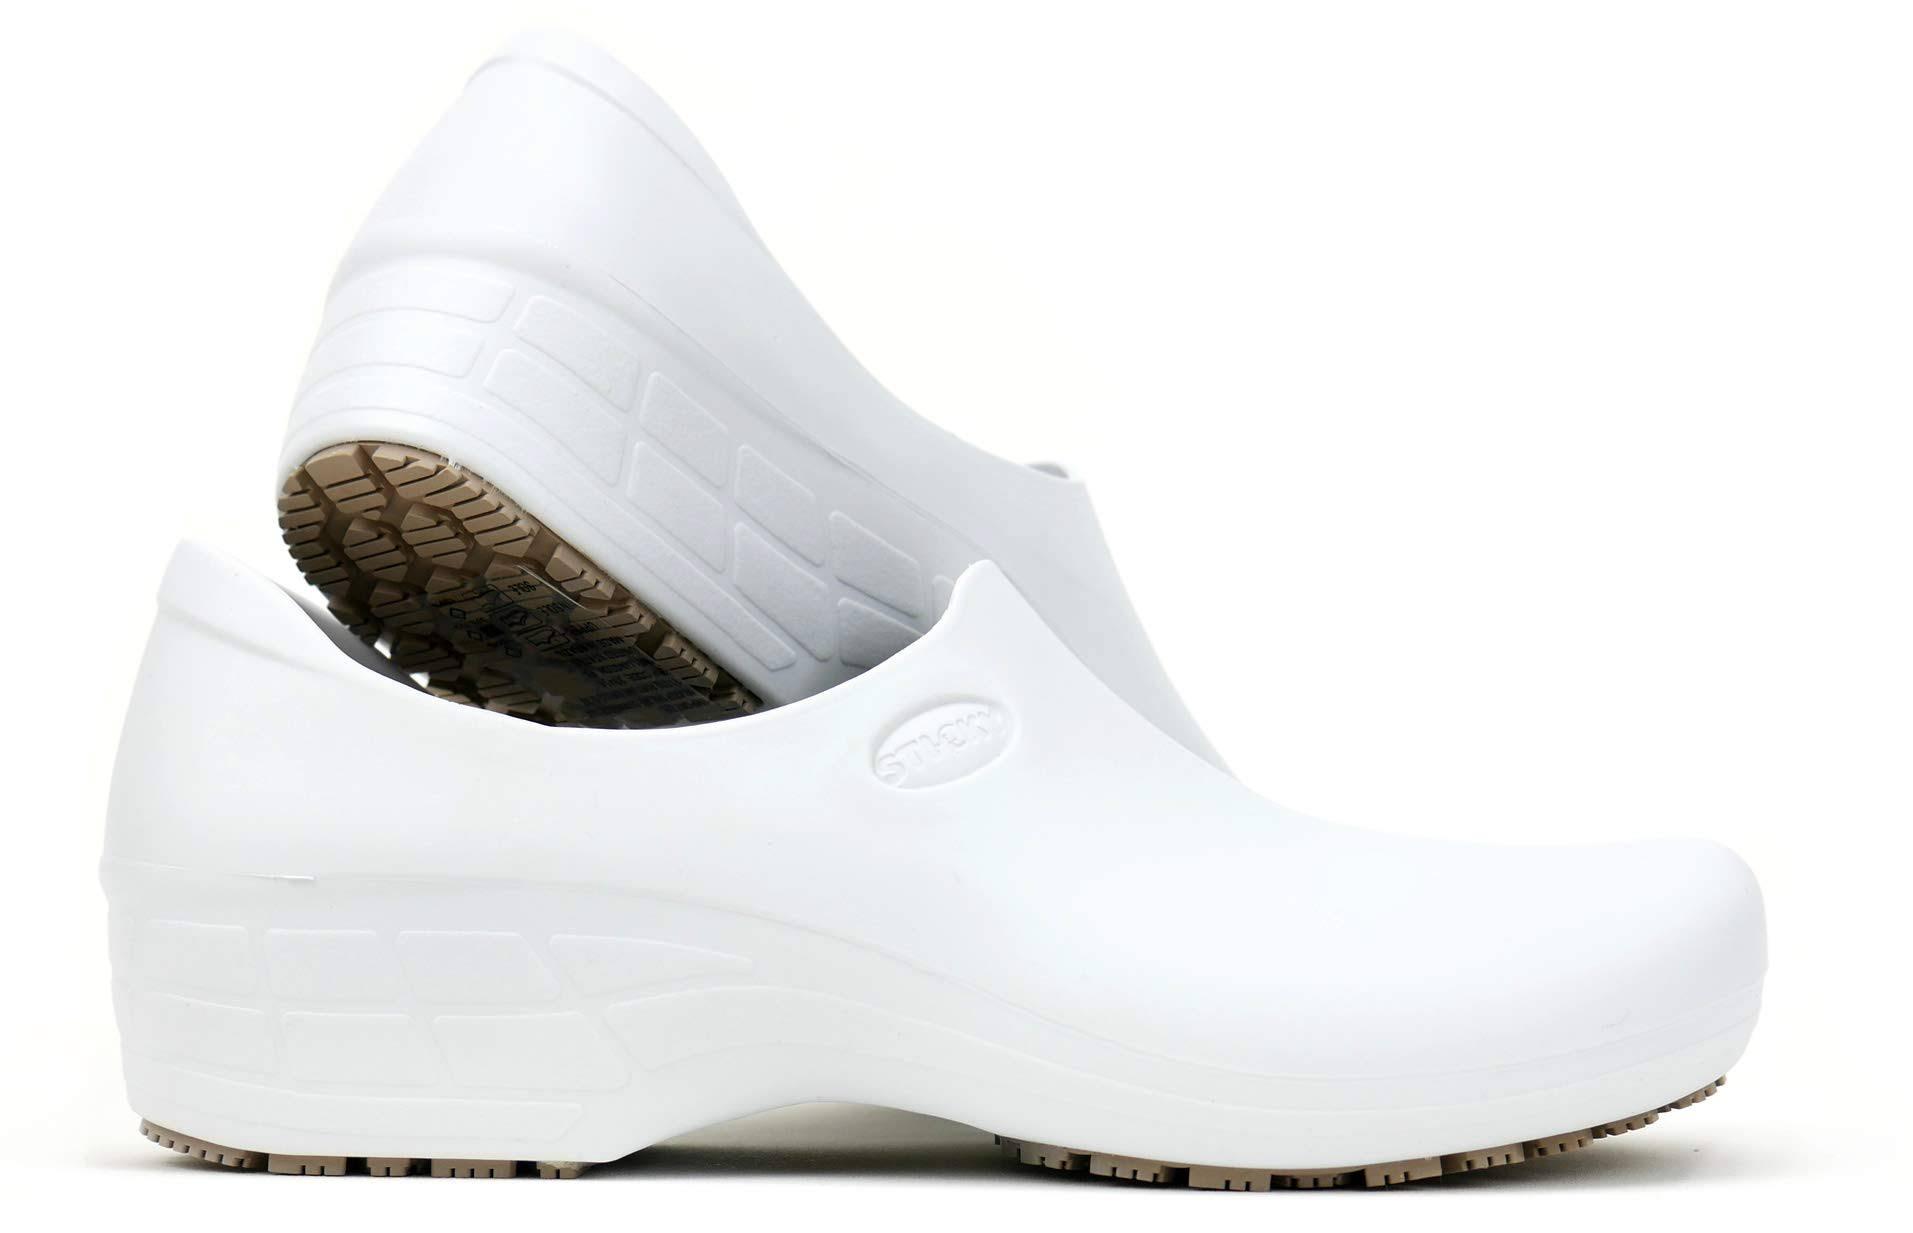 antislip Kleverige waterdichte schoenen8witwit Kleverige waterdichte qSzpUGLMV